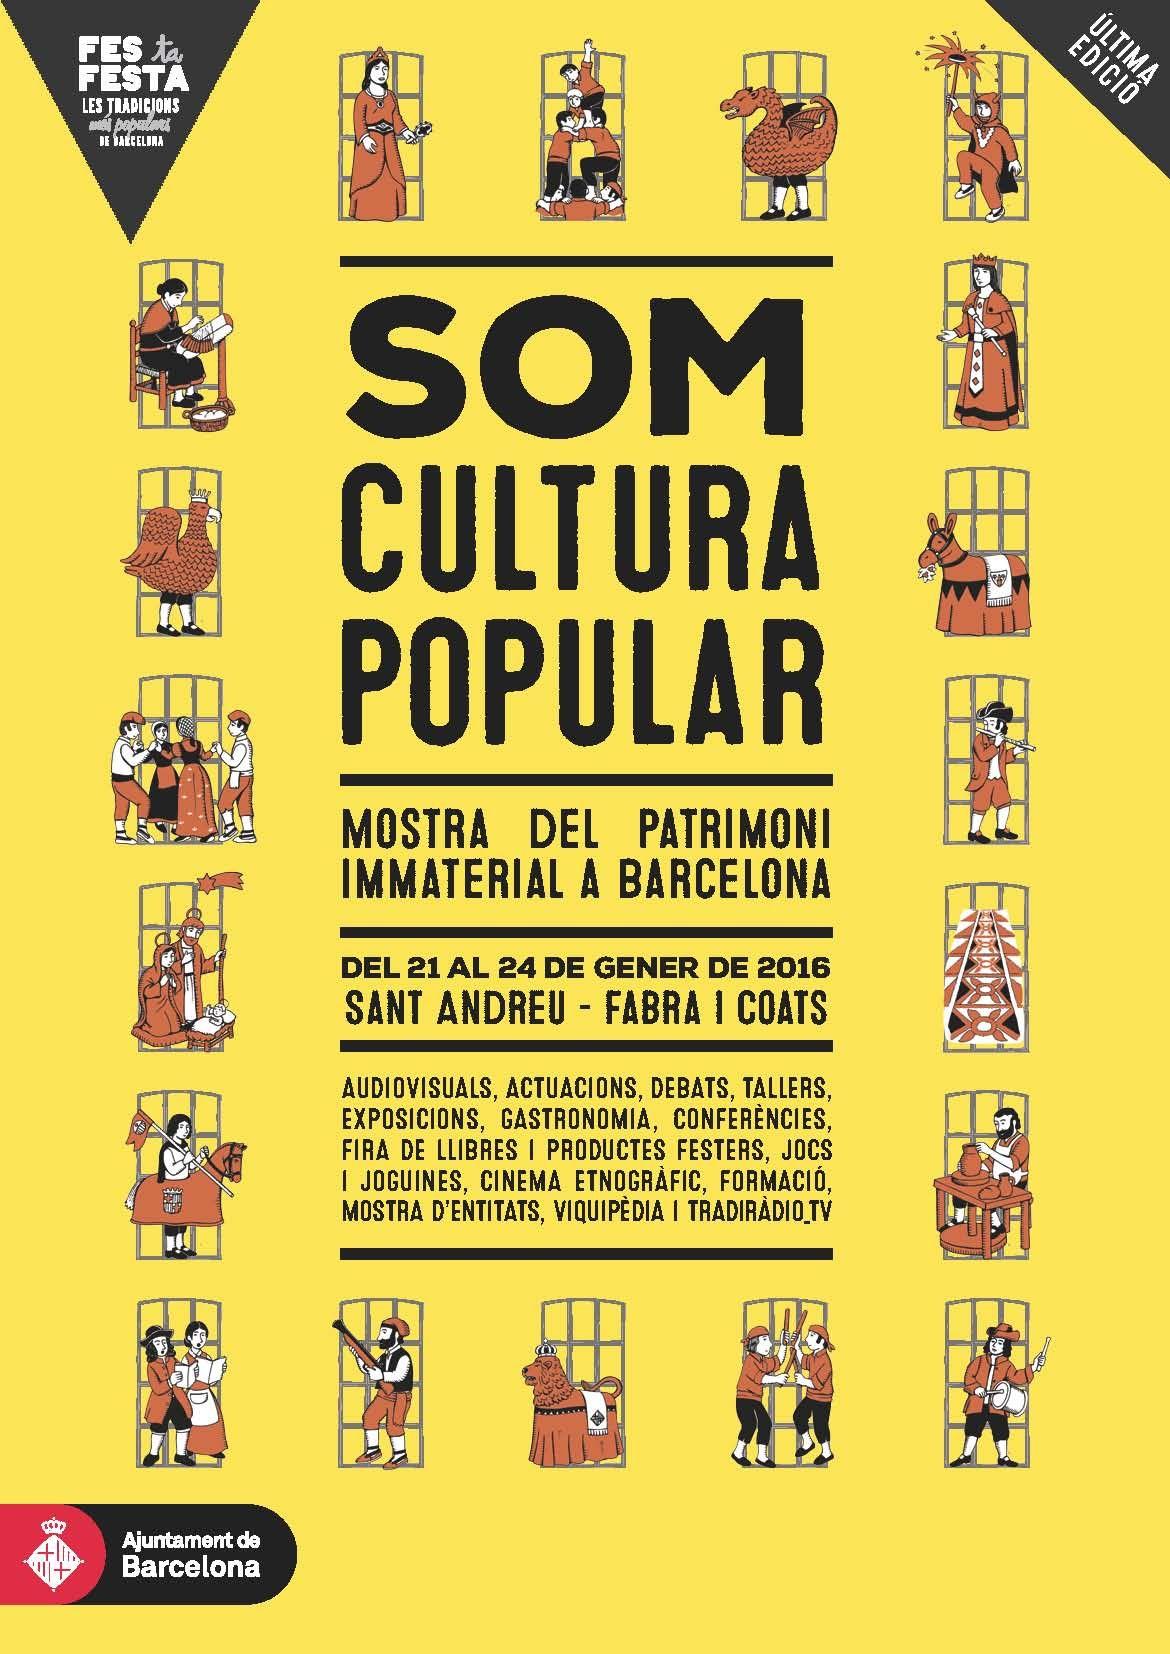 SOM CULTURA POPULAR, Mostra del Patrimoni Immaterial, del 21 al 24 de gener de 2016 a Sant Andreu - Barcelona  #setdimatge 22/1/16 #mesdimatge http://culturapopular.bcn.cat/ca/somculturapopular